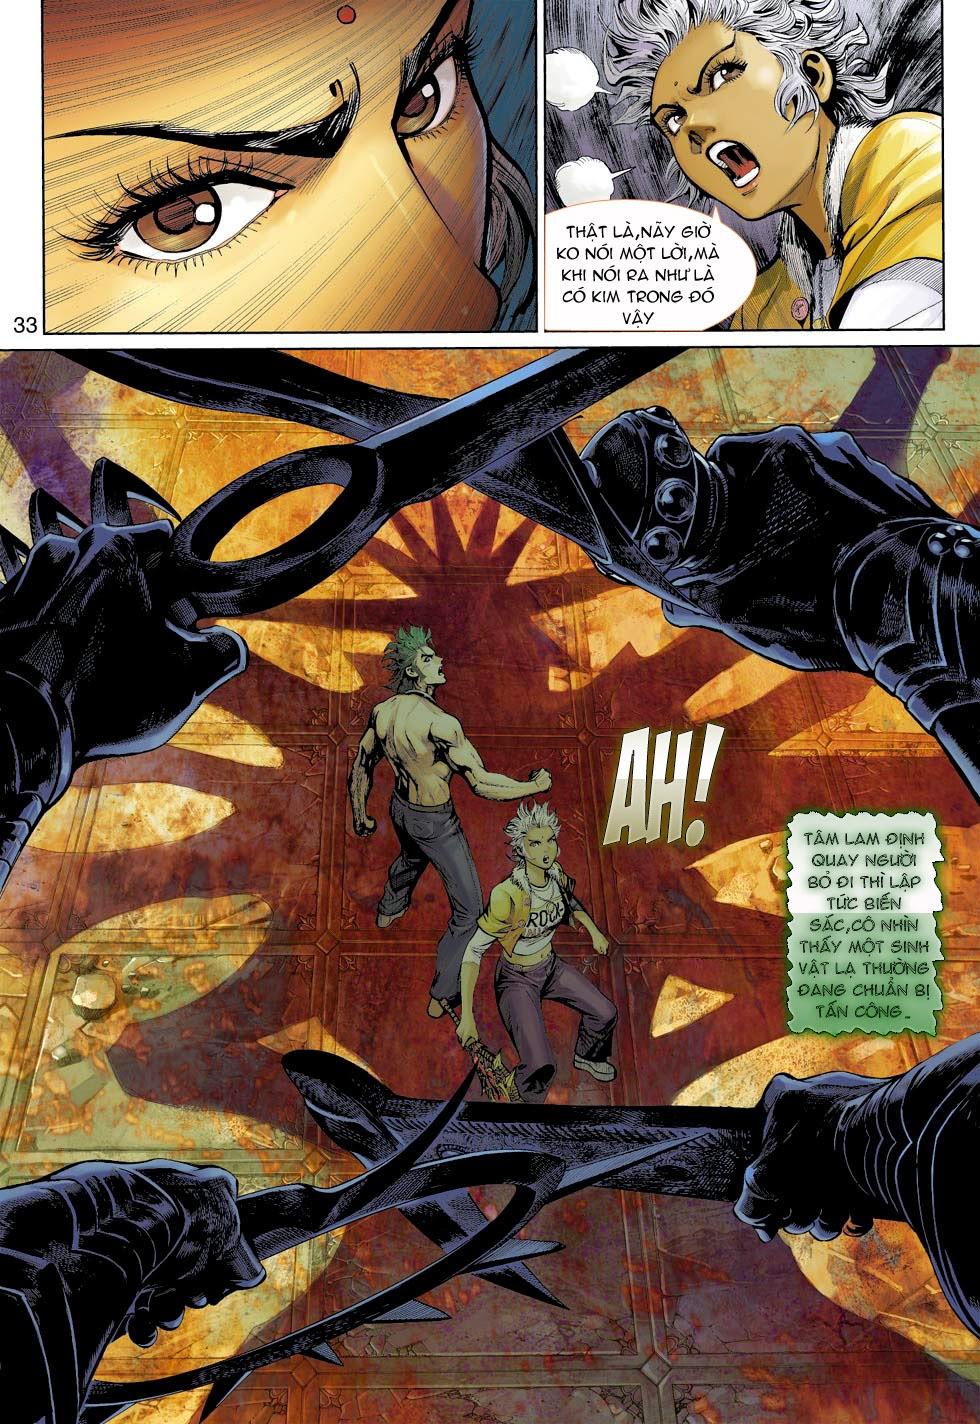 Thần Binh 4 chap 26 - Trang 34